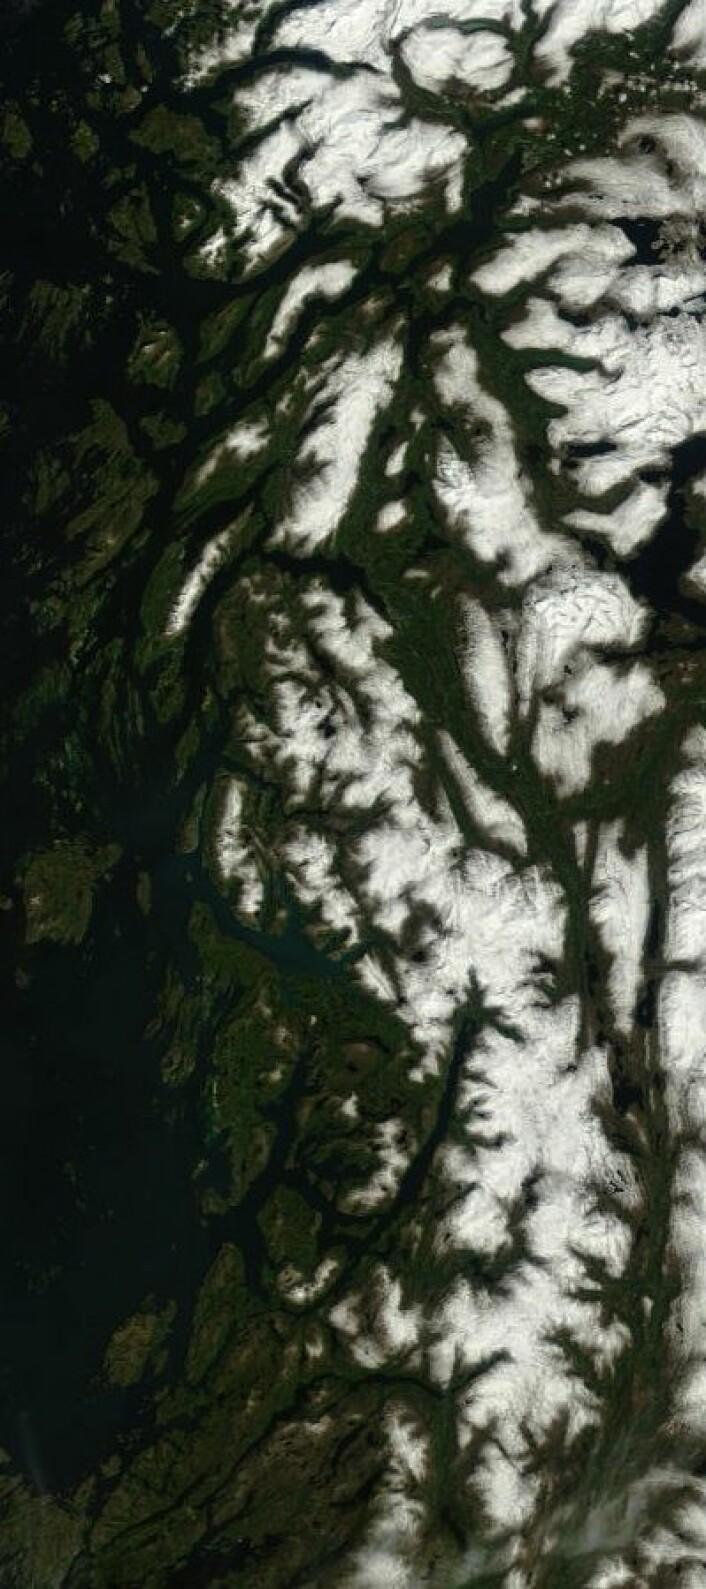 Helgelandskysten sett fra satellitt 22. juni. (Foto: (NASA Terra MODIS))